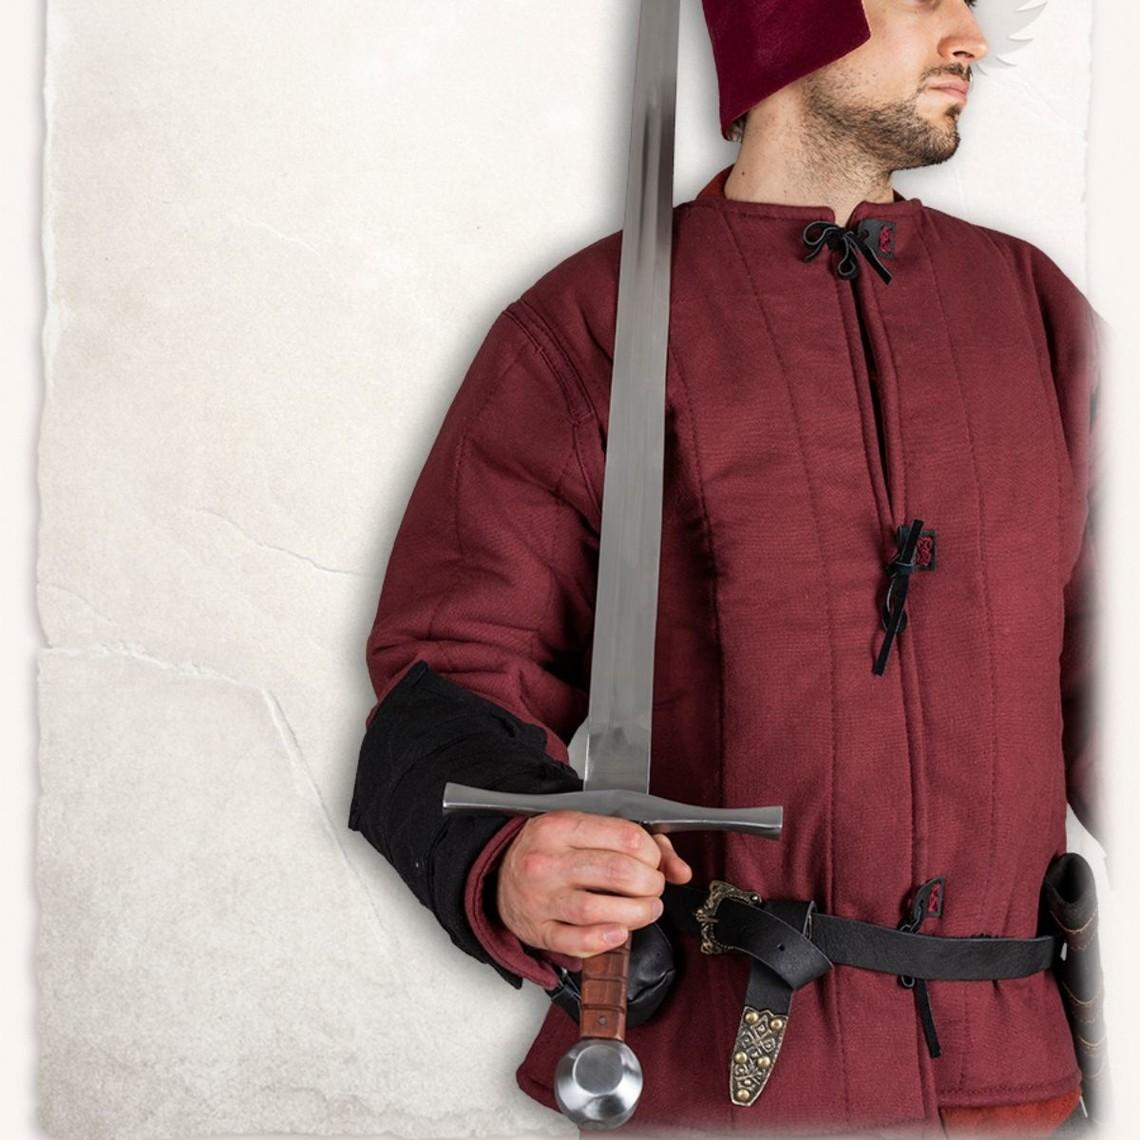 Mytholon Épée à la main et demie Oswald, prête au combat